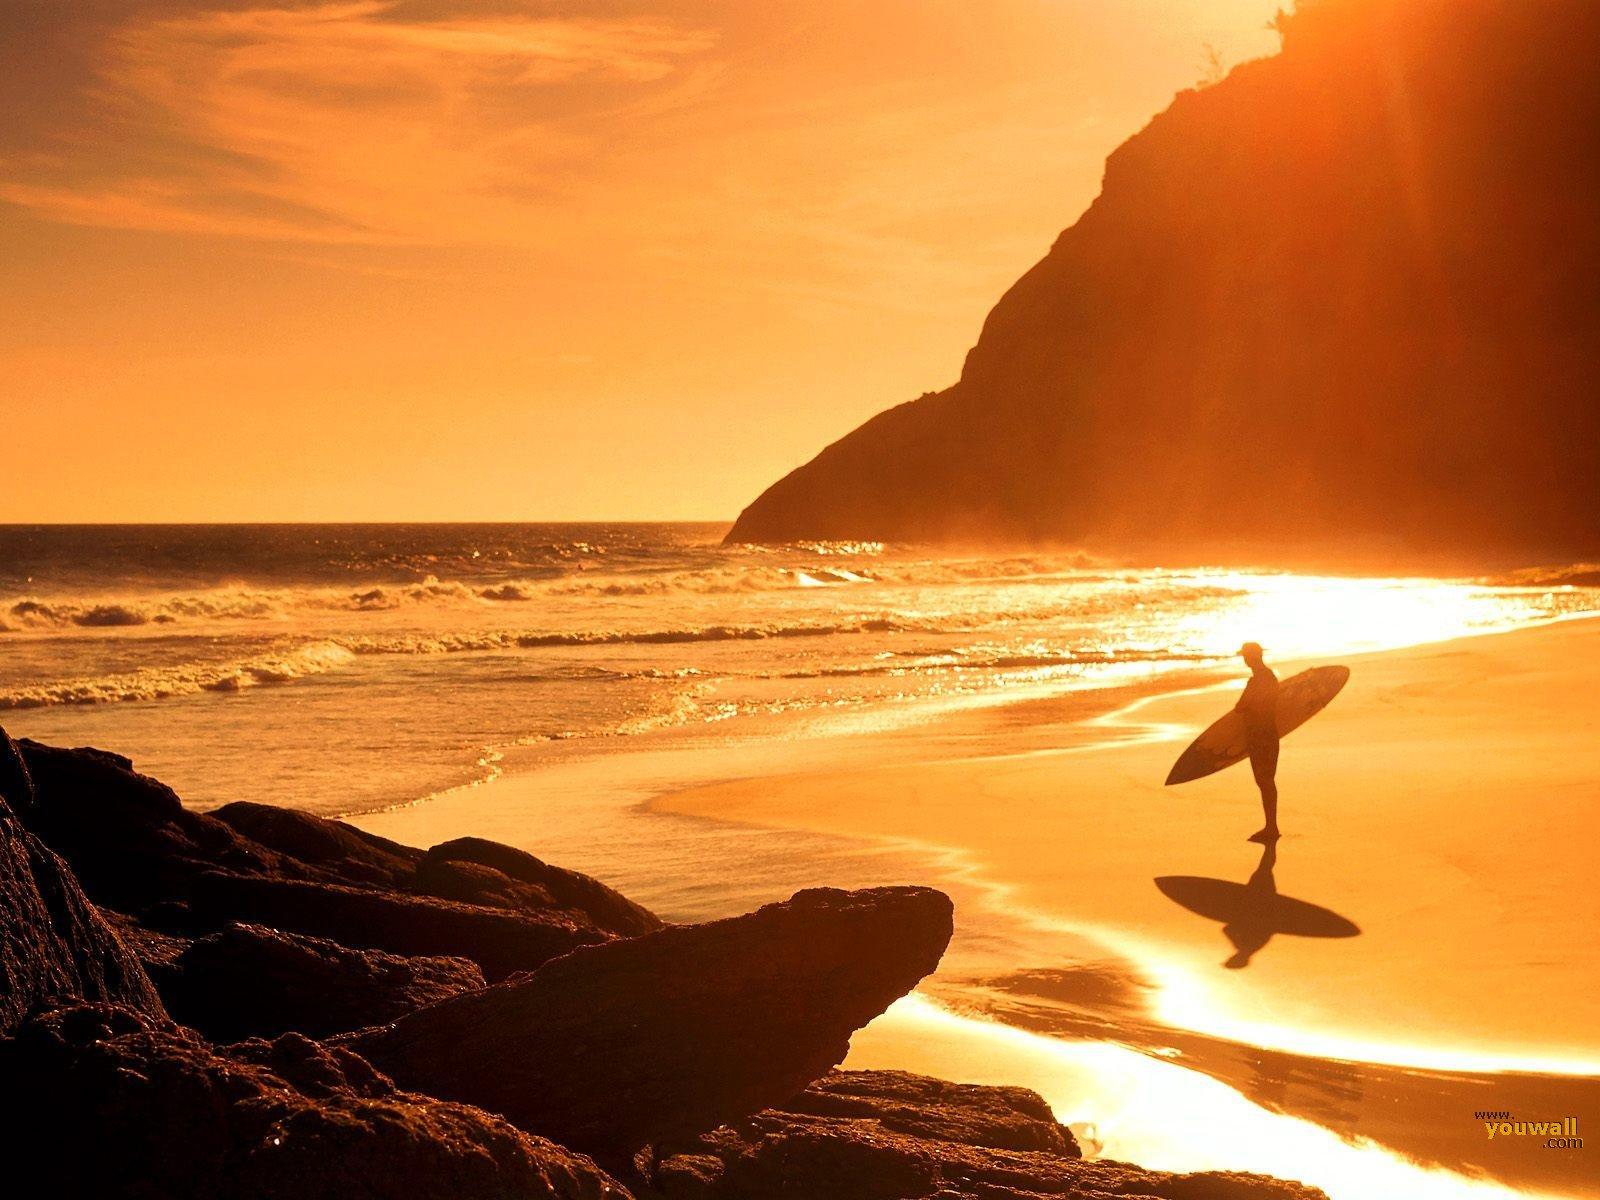 Beach Sunset Surf hd Wallpaper in high resolution for Get Beach 1600x1200